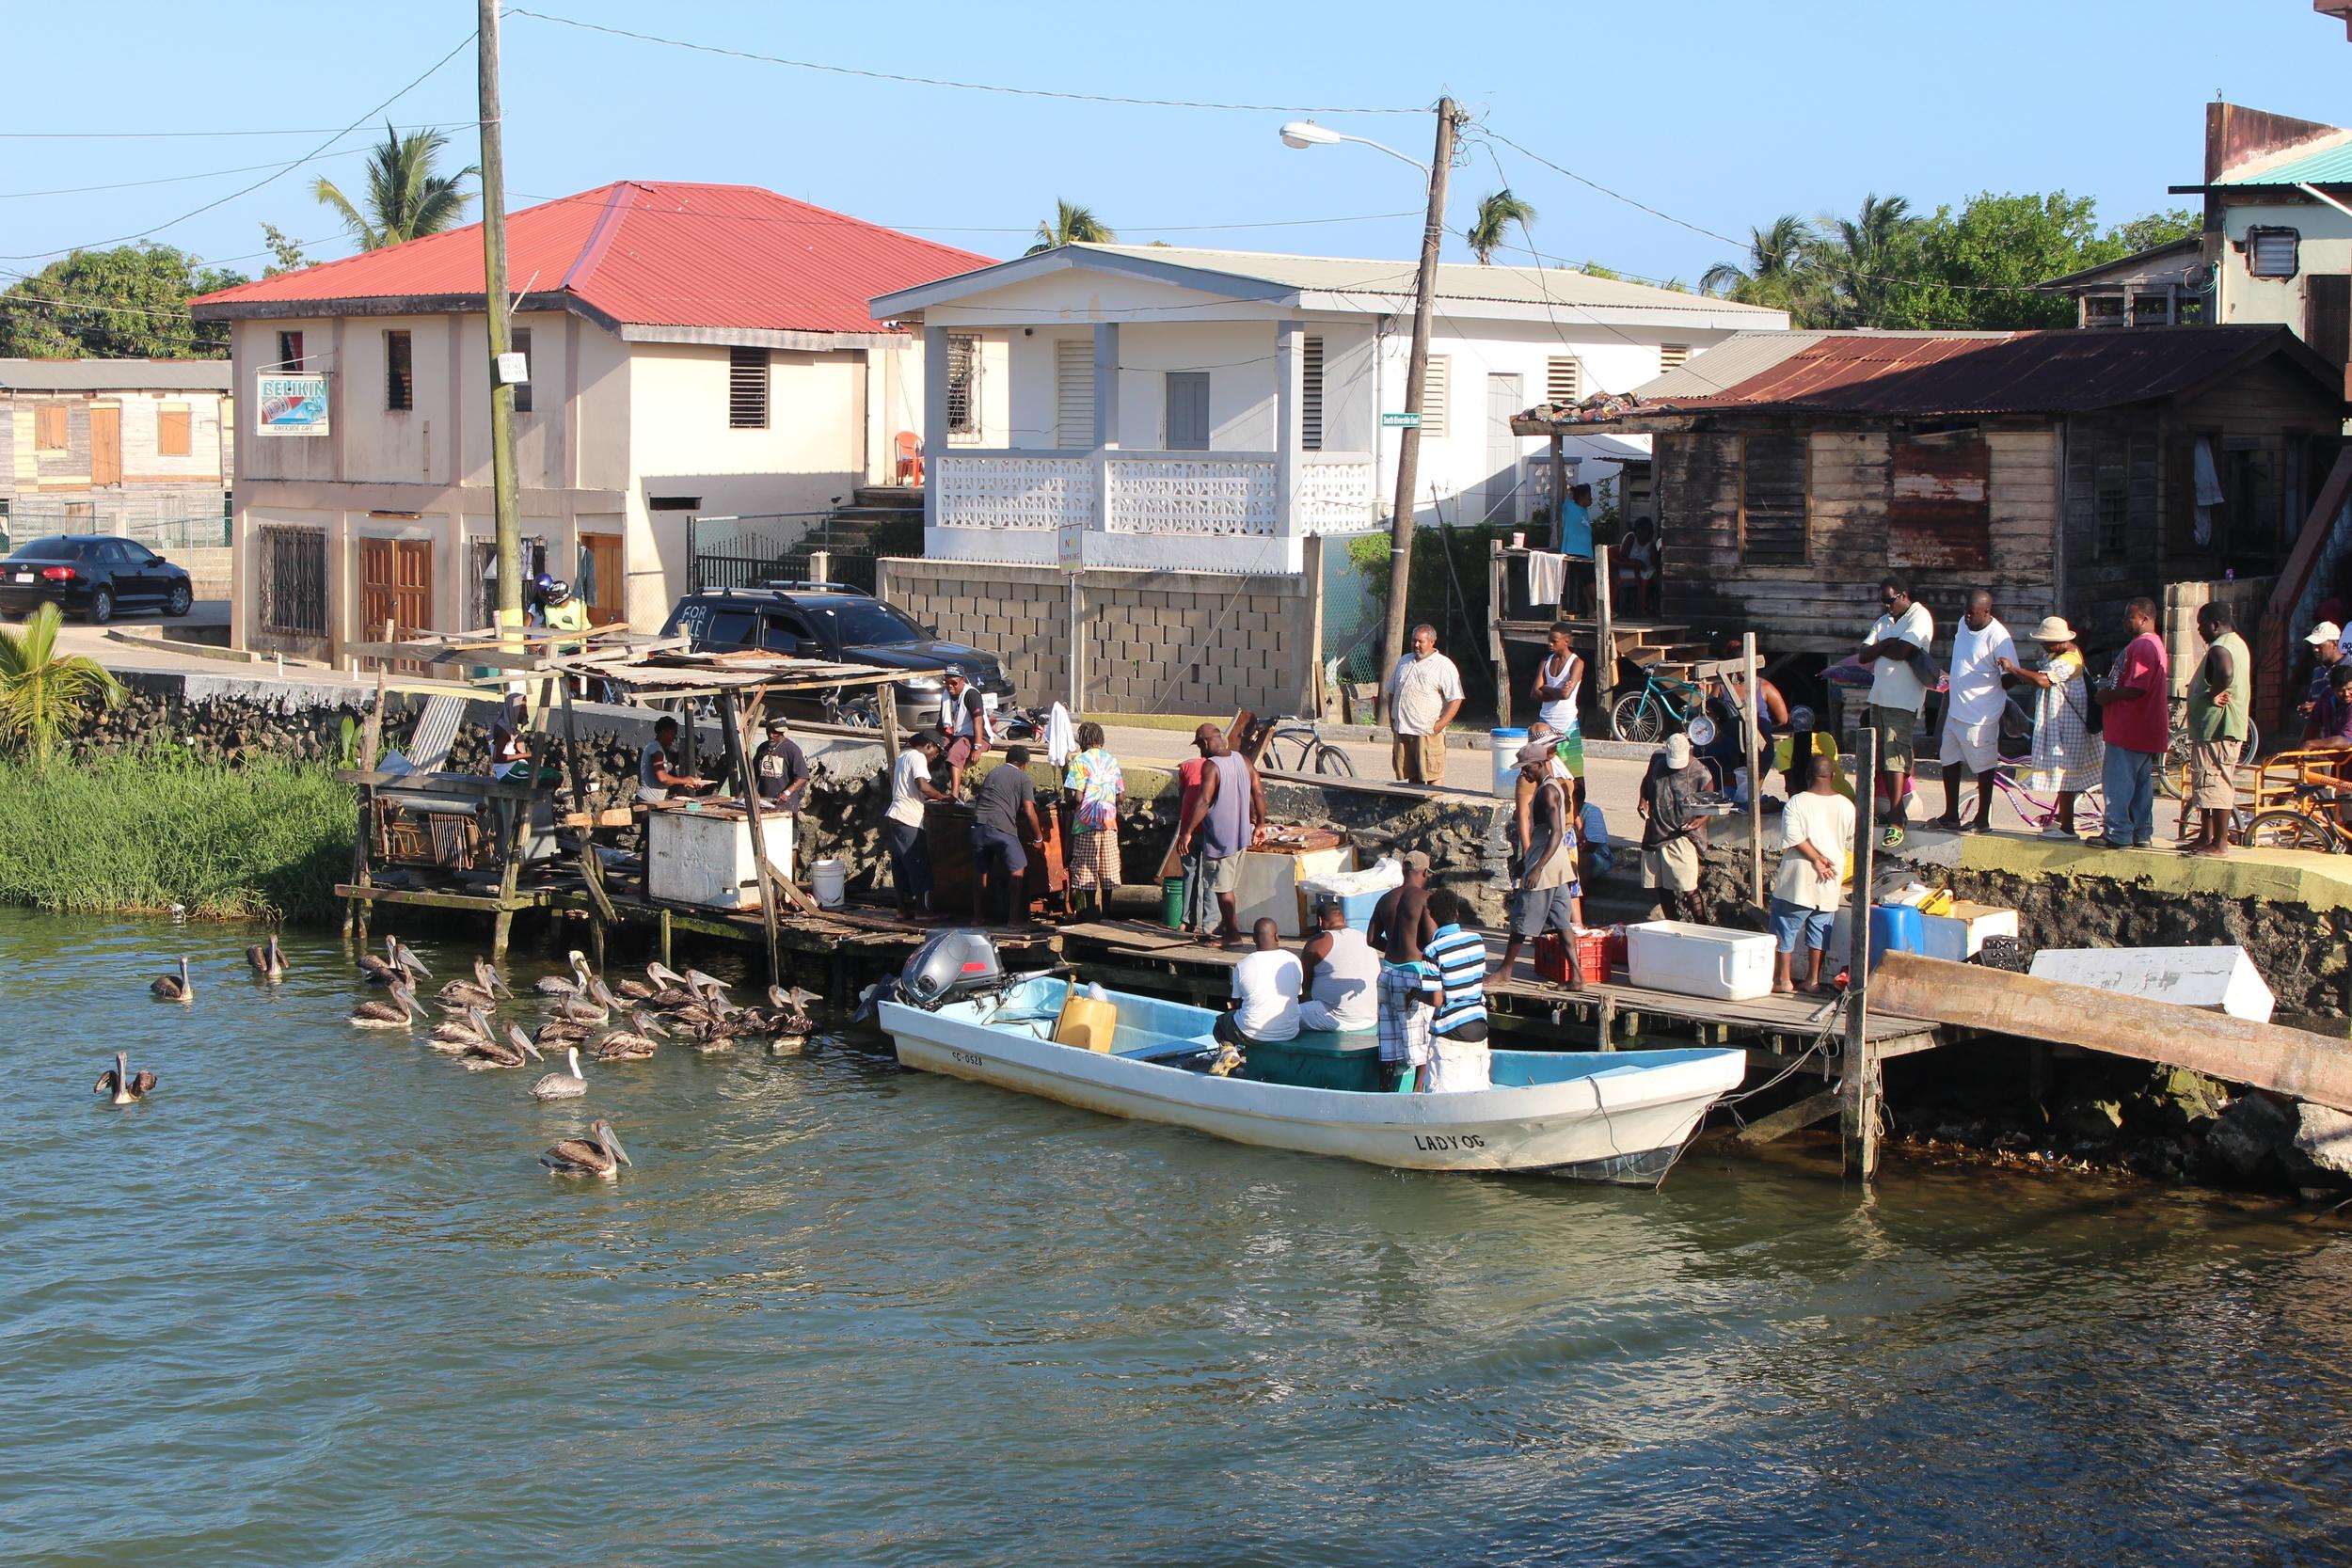 Birds await the fisherman's haul in Dangriga